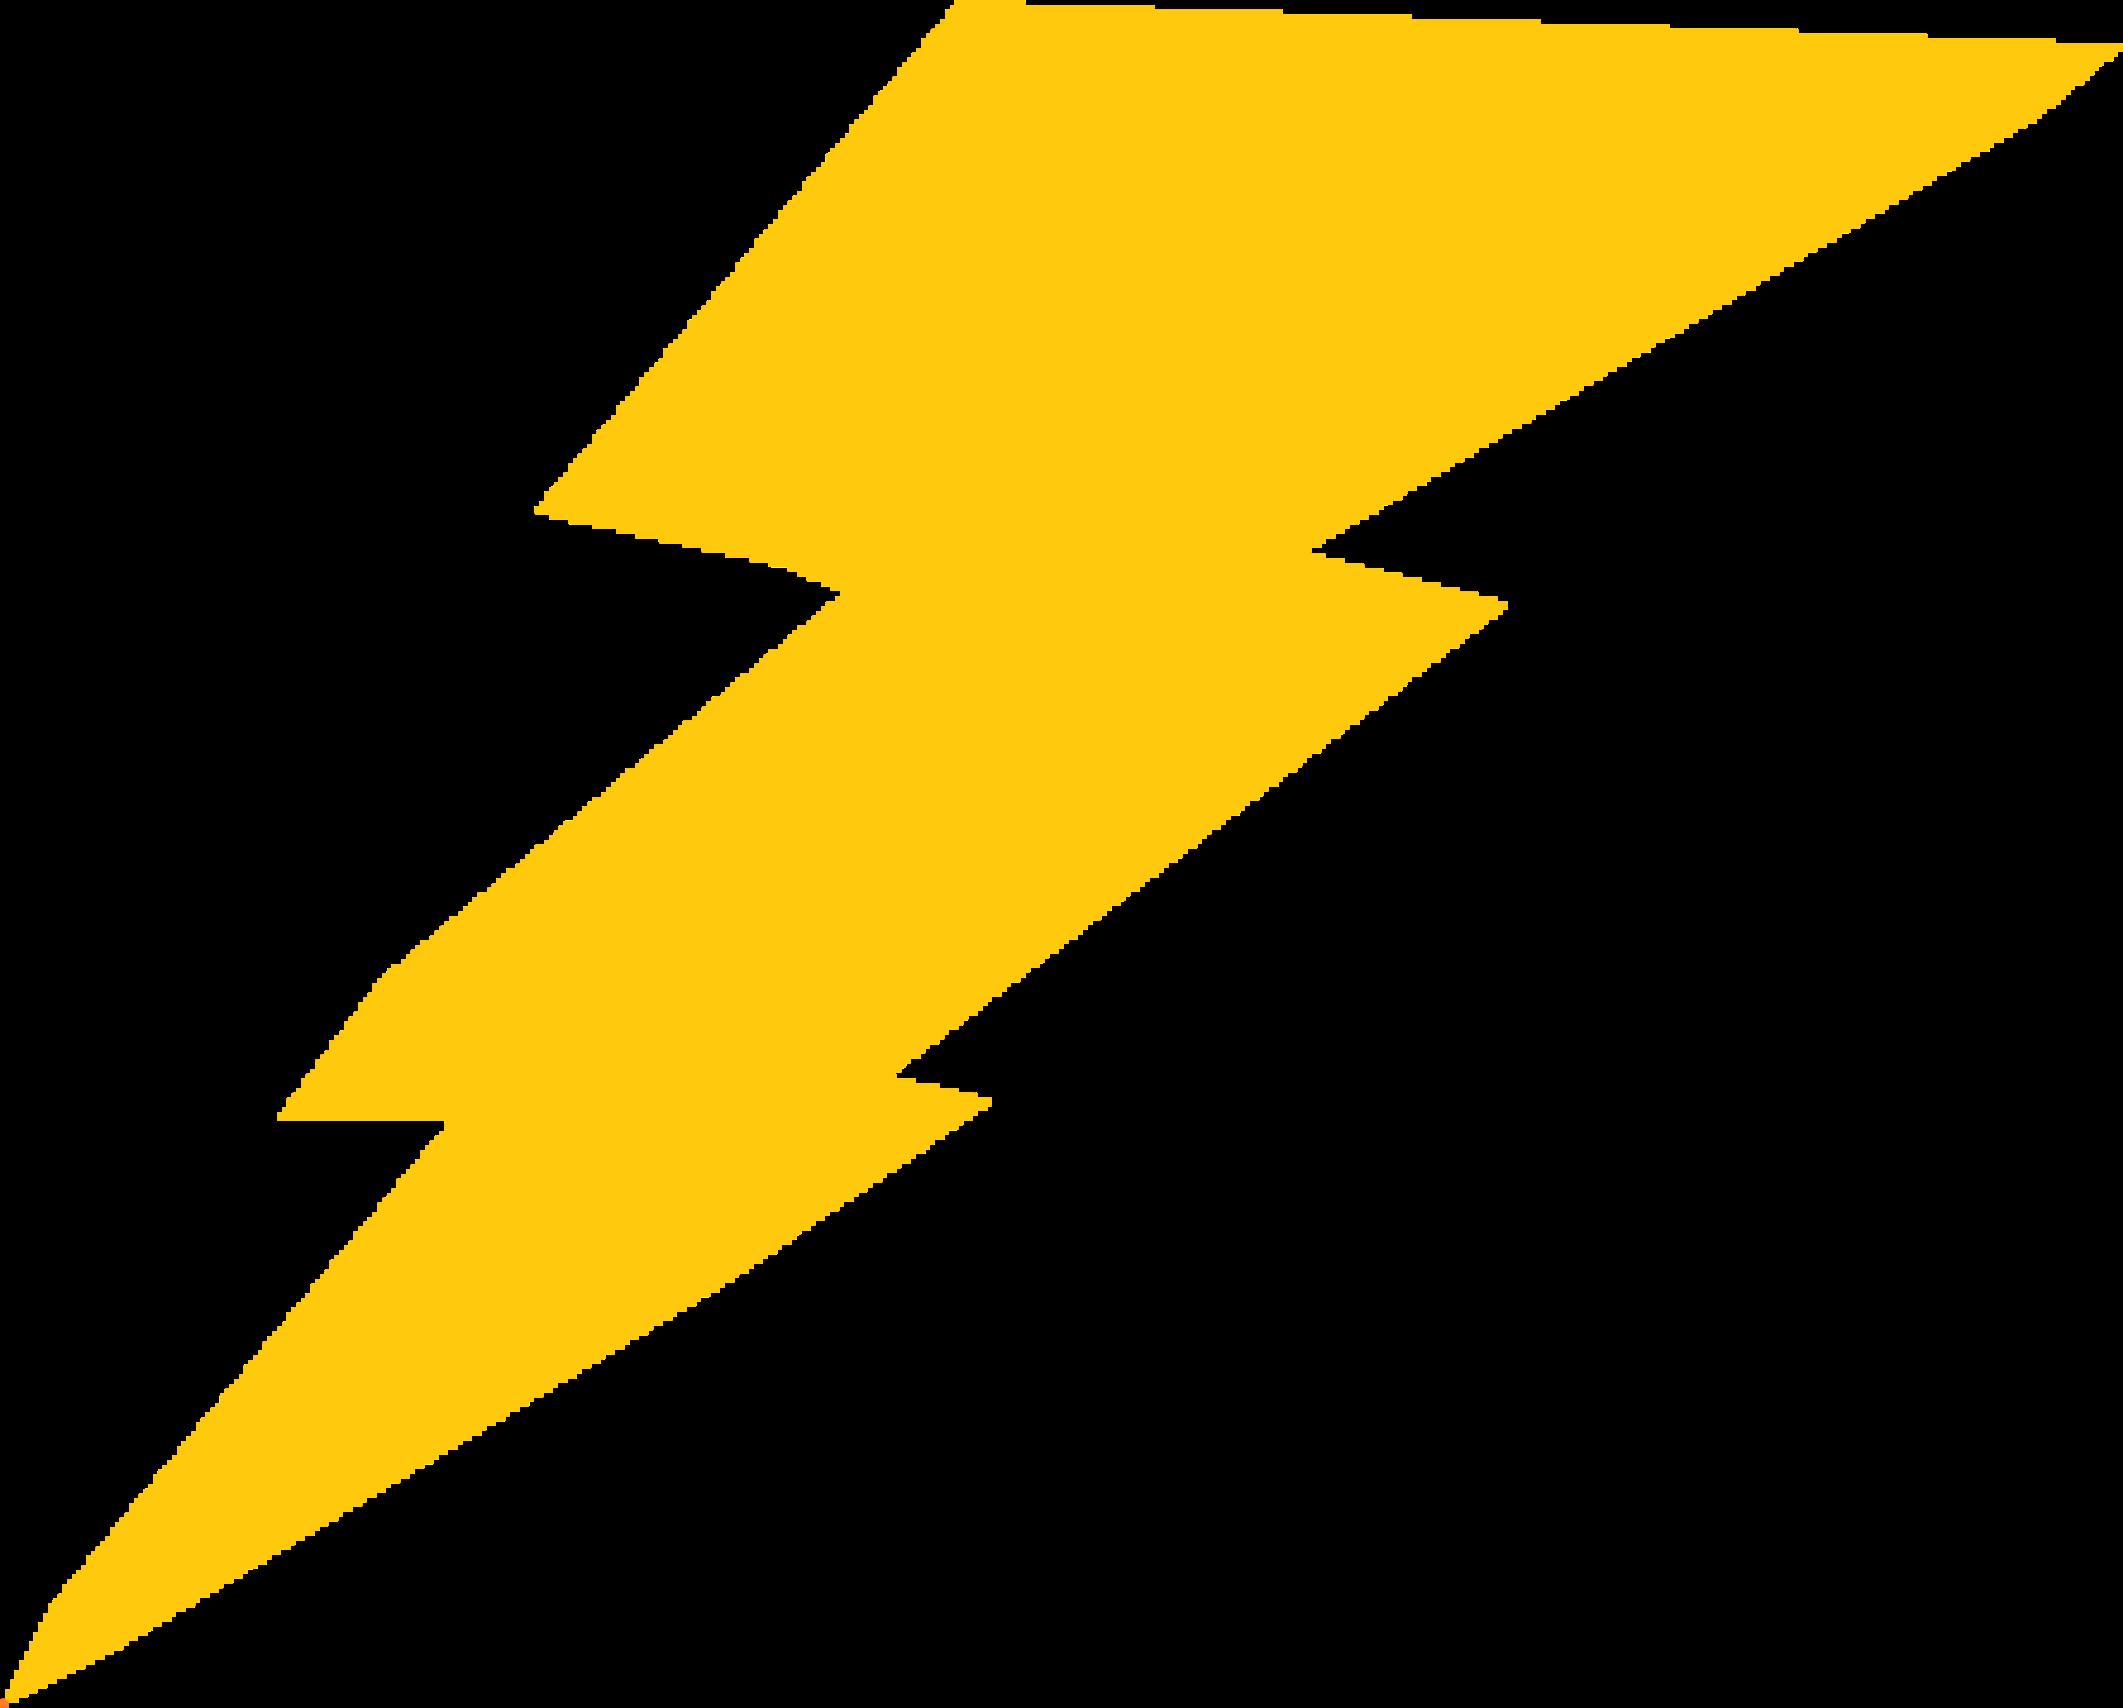 Lightning clipart lightning bolt, Lightning lightning bolt.